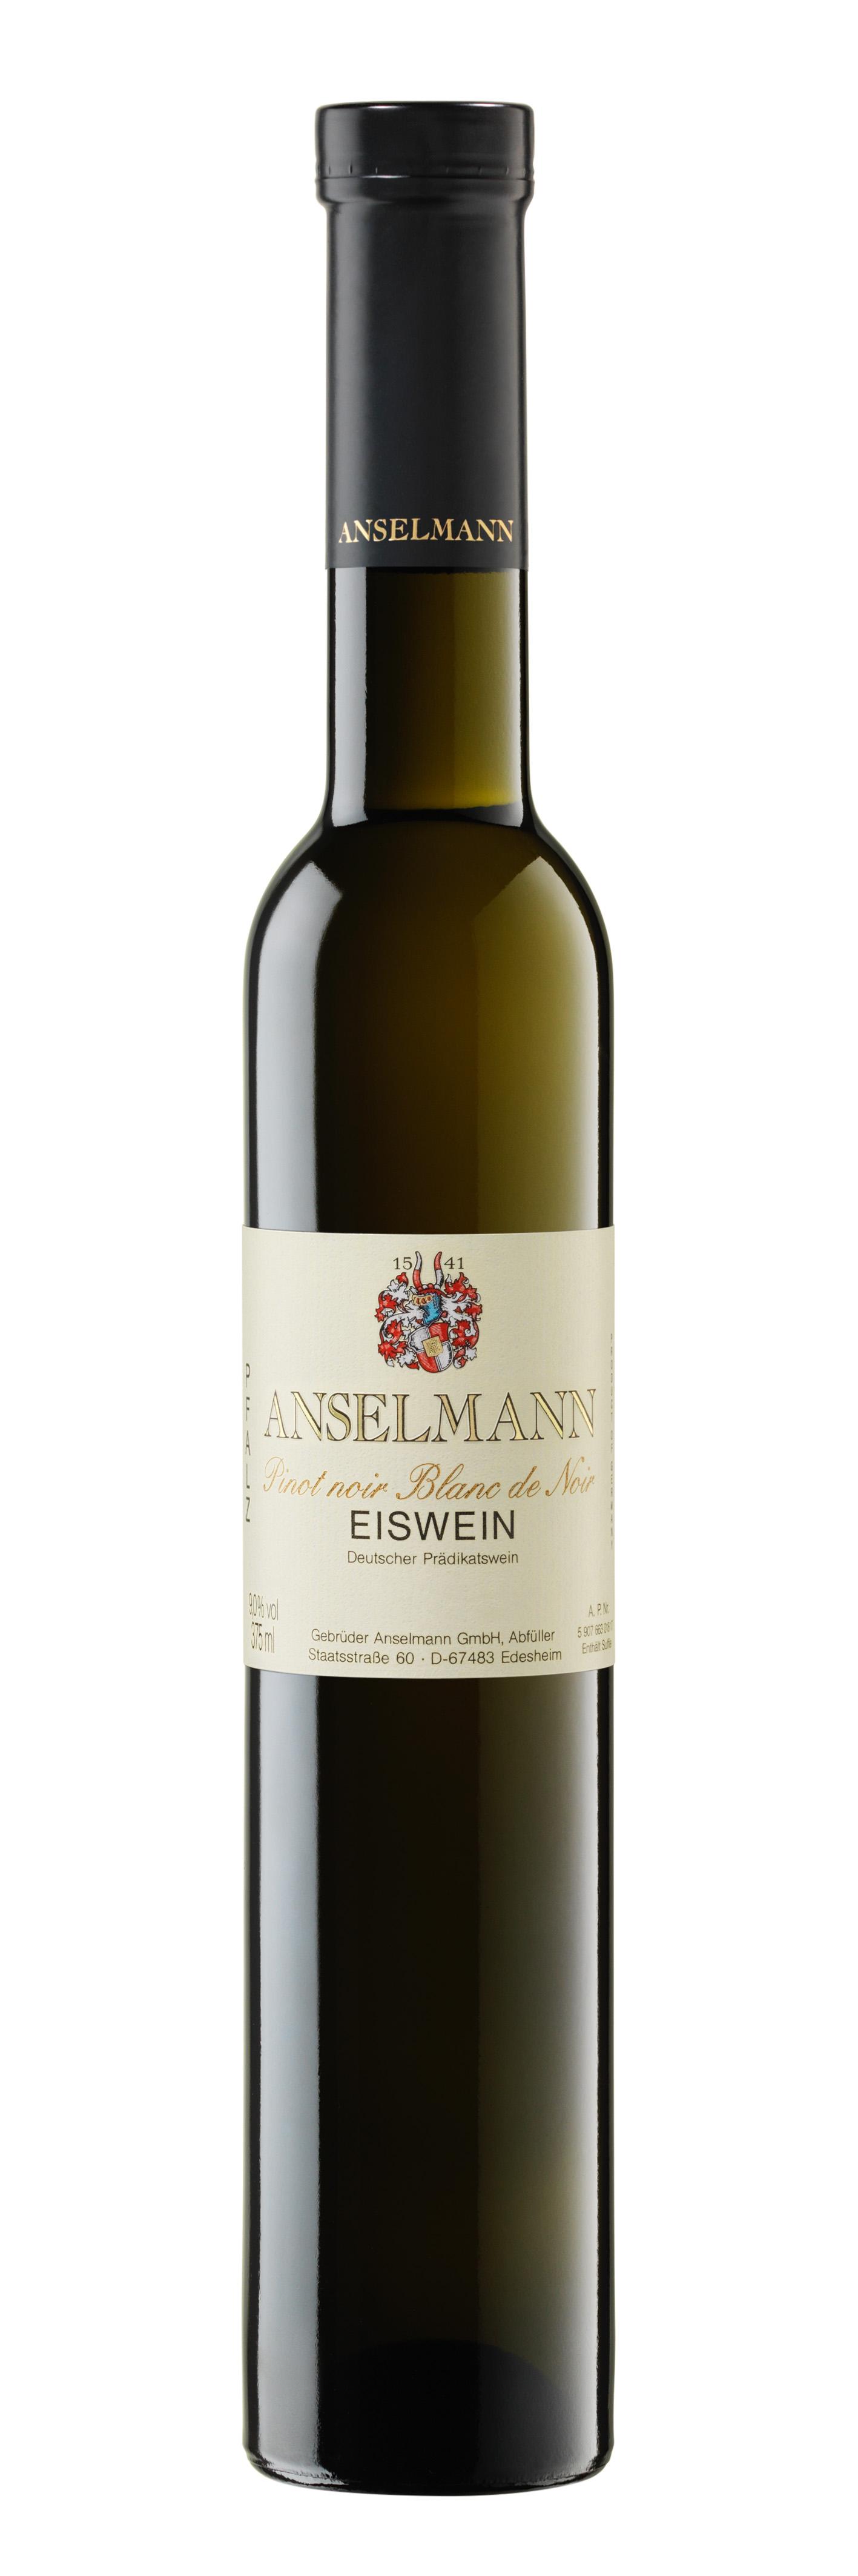 Pinot noir Blanc de noir Eiswein